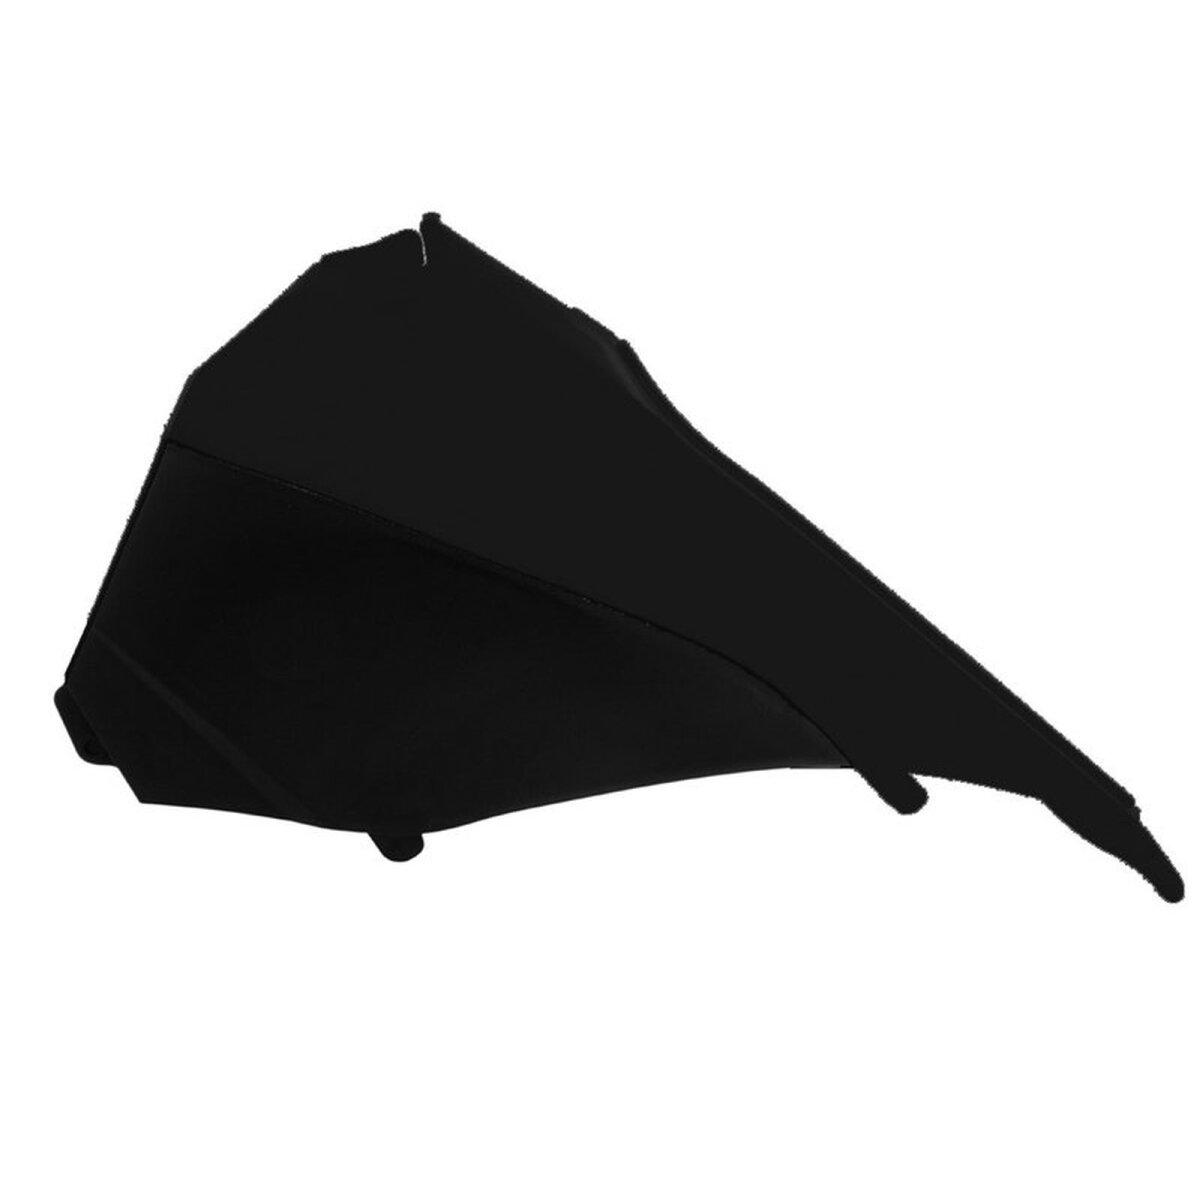 Kotflügel vorne für 150 ccm KTM SX 150 Bj 13-15 schwarz